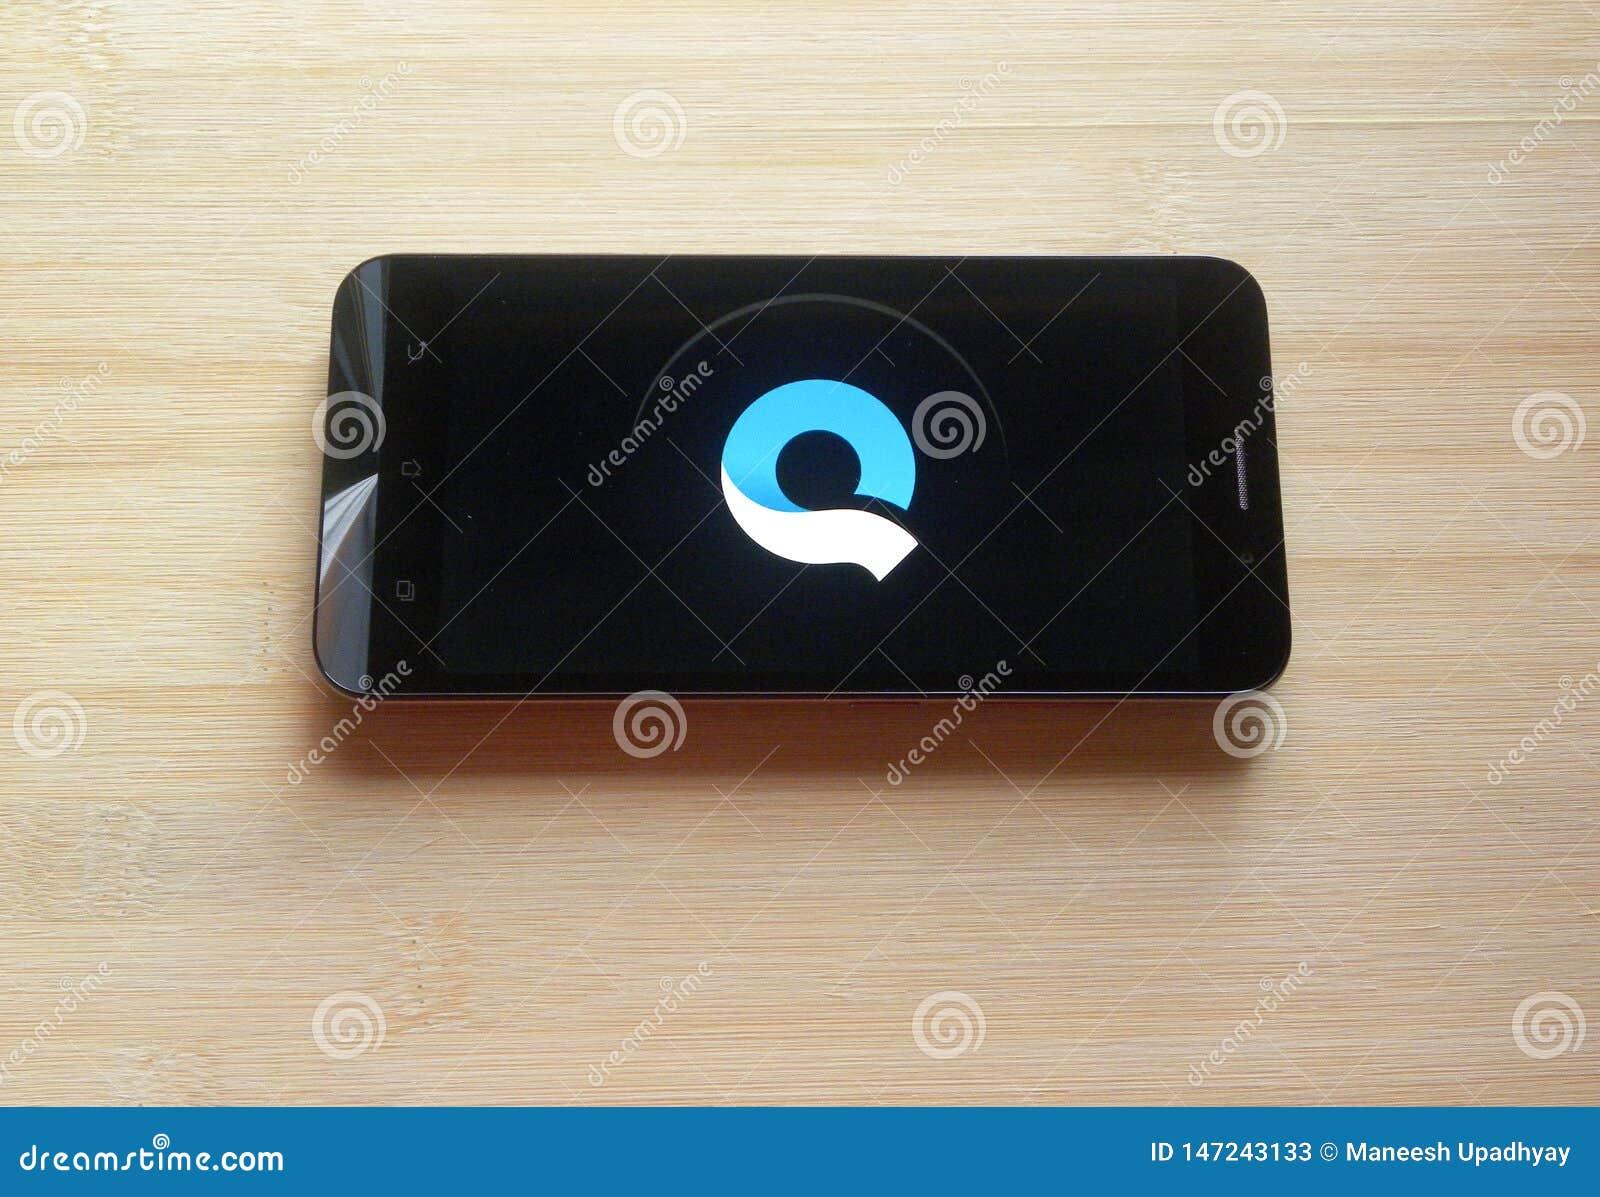 Quik-App